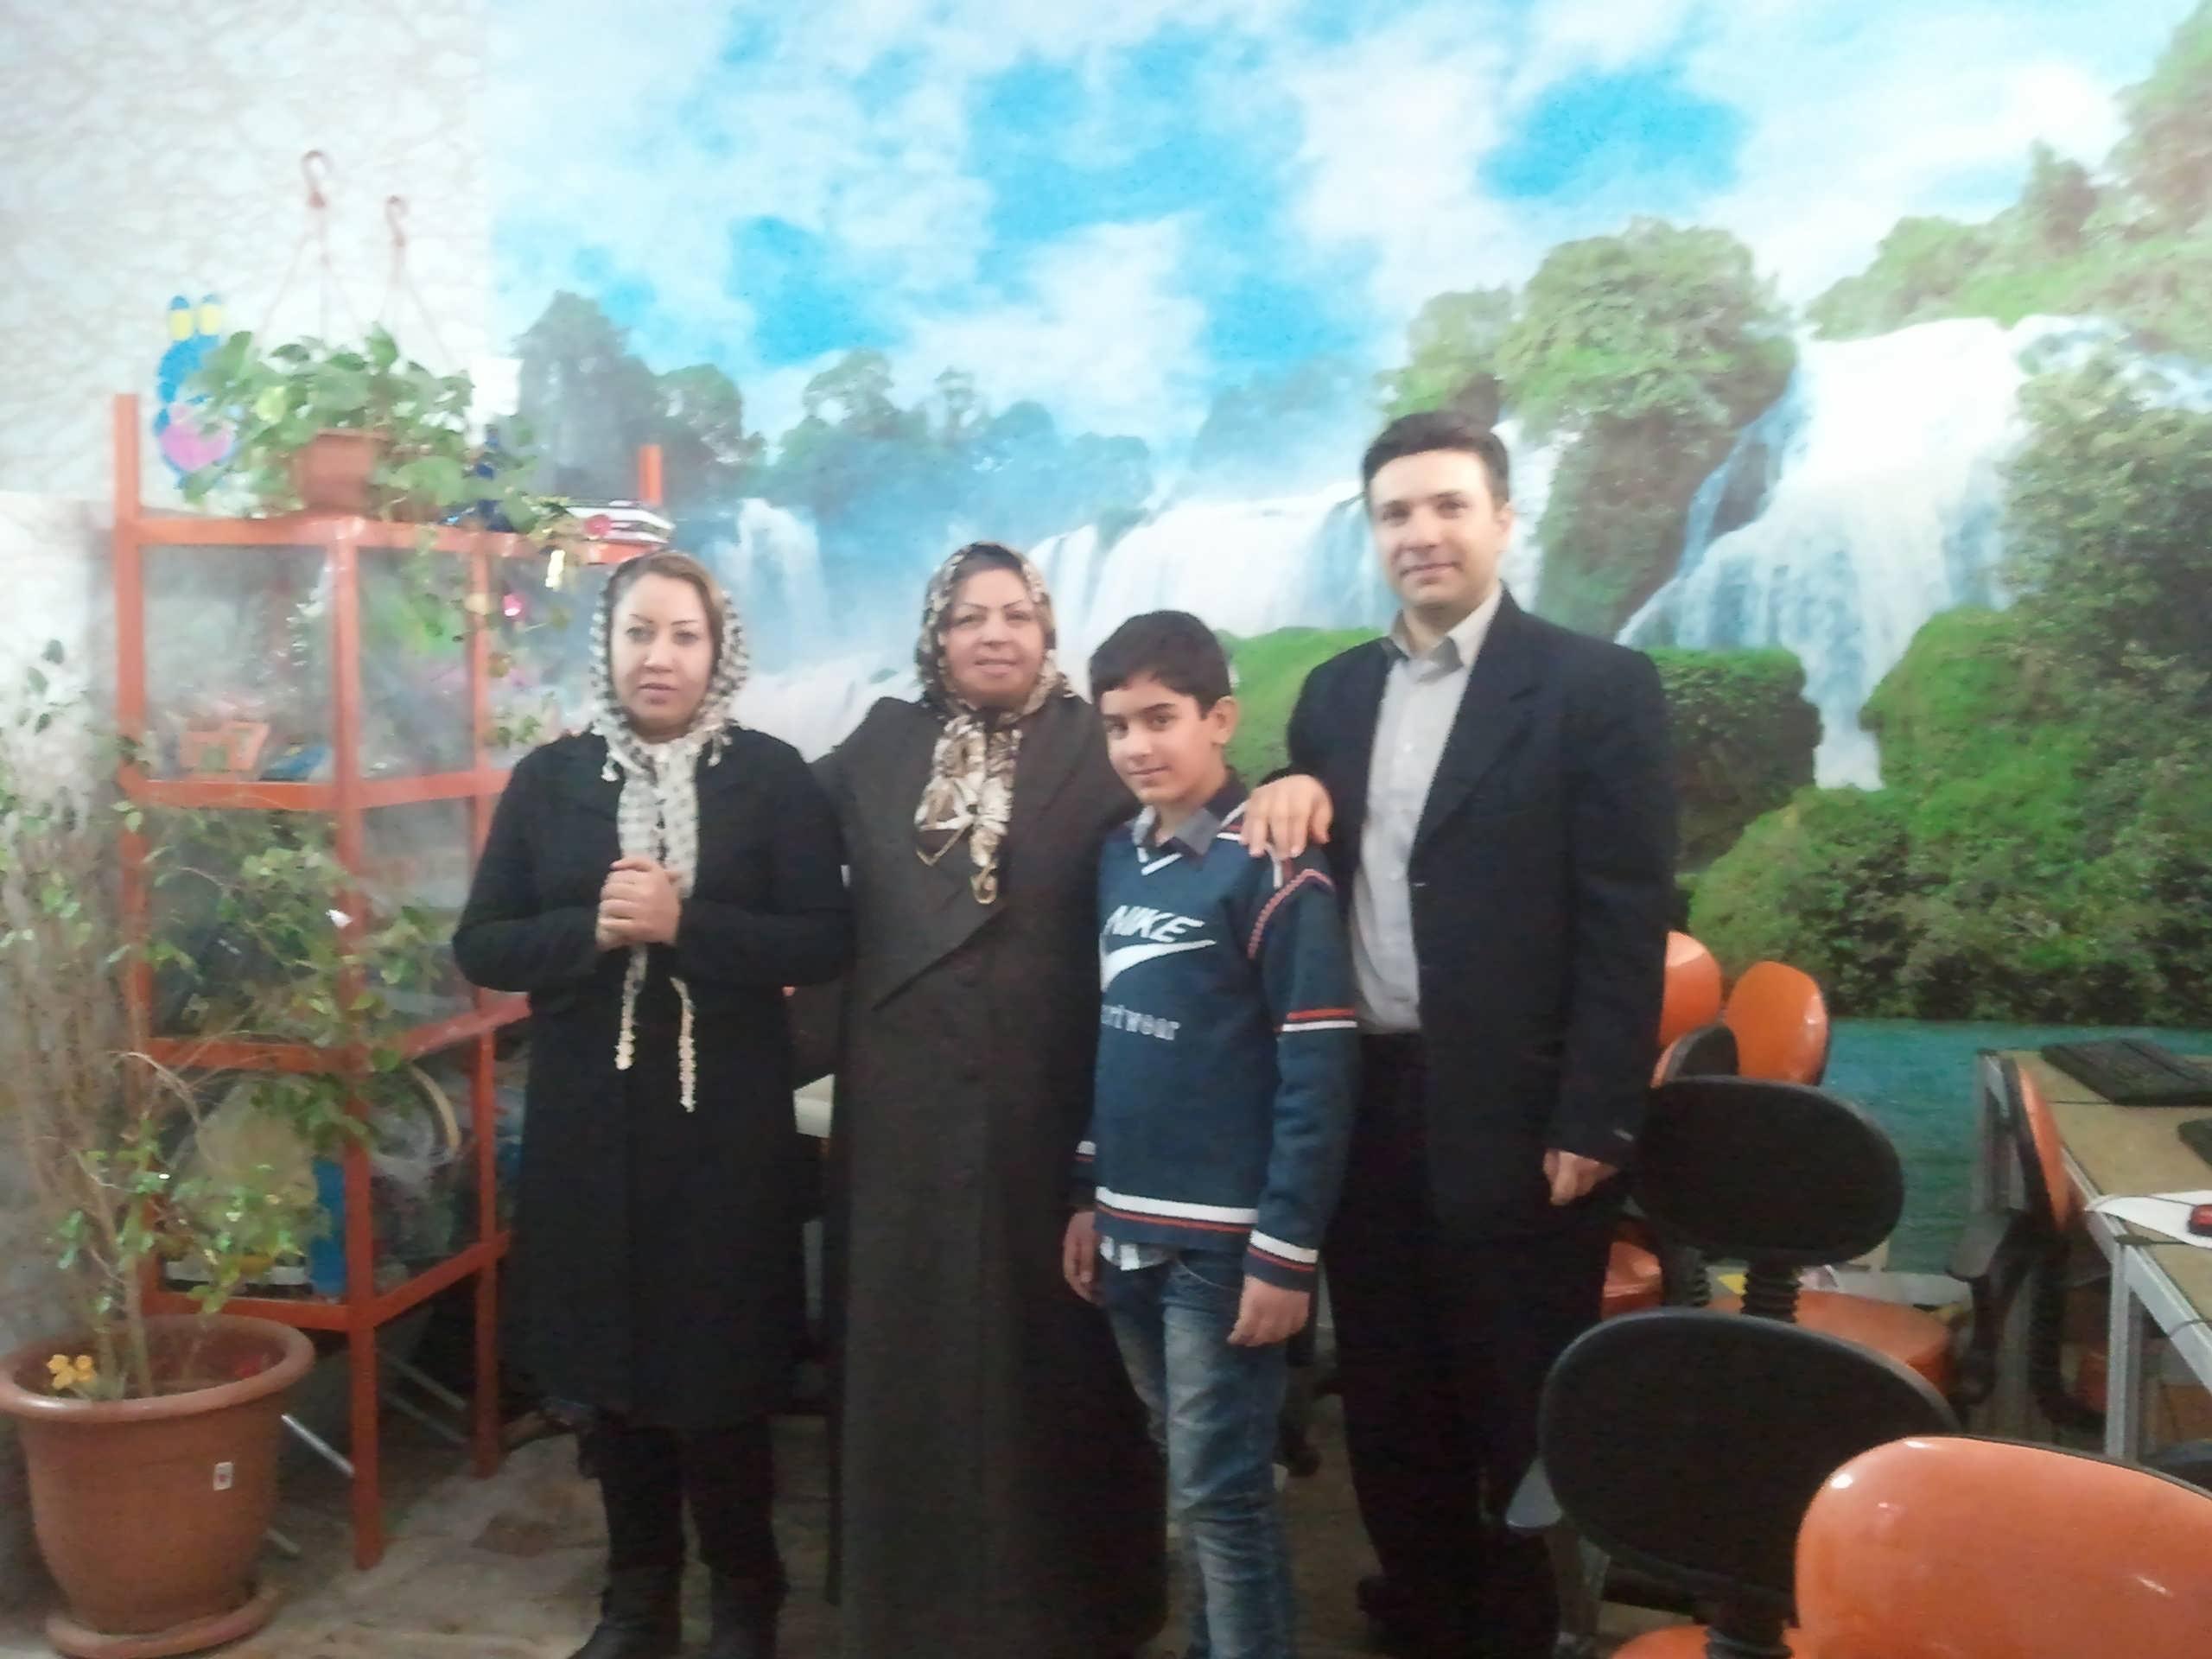 http://www.n-javan.com/aks/tahereh-javan/jpg2013-01-02%2014.18.23.jpg